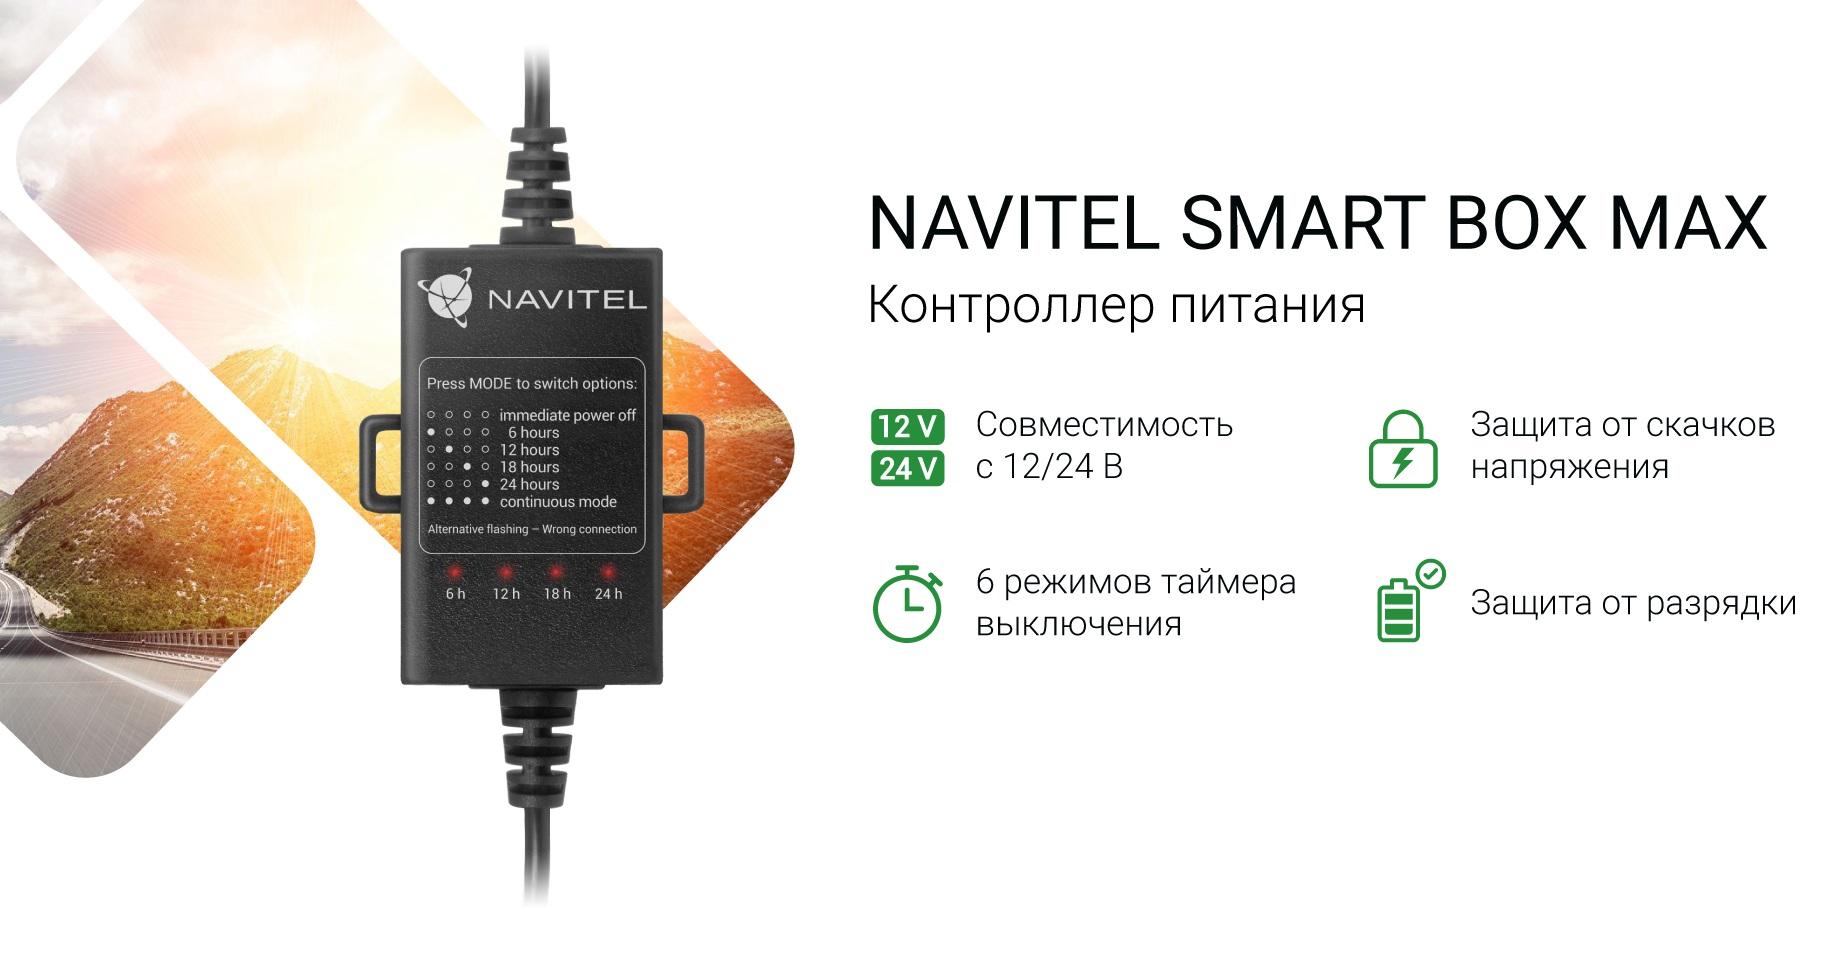 VideoregObzor NAVITEL SMART BOX MAX – универсальный контроллер питания для автомобильных электронных устройств.